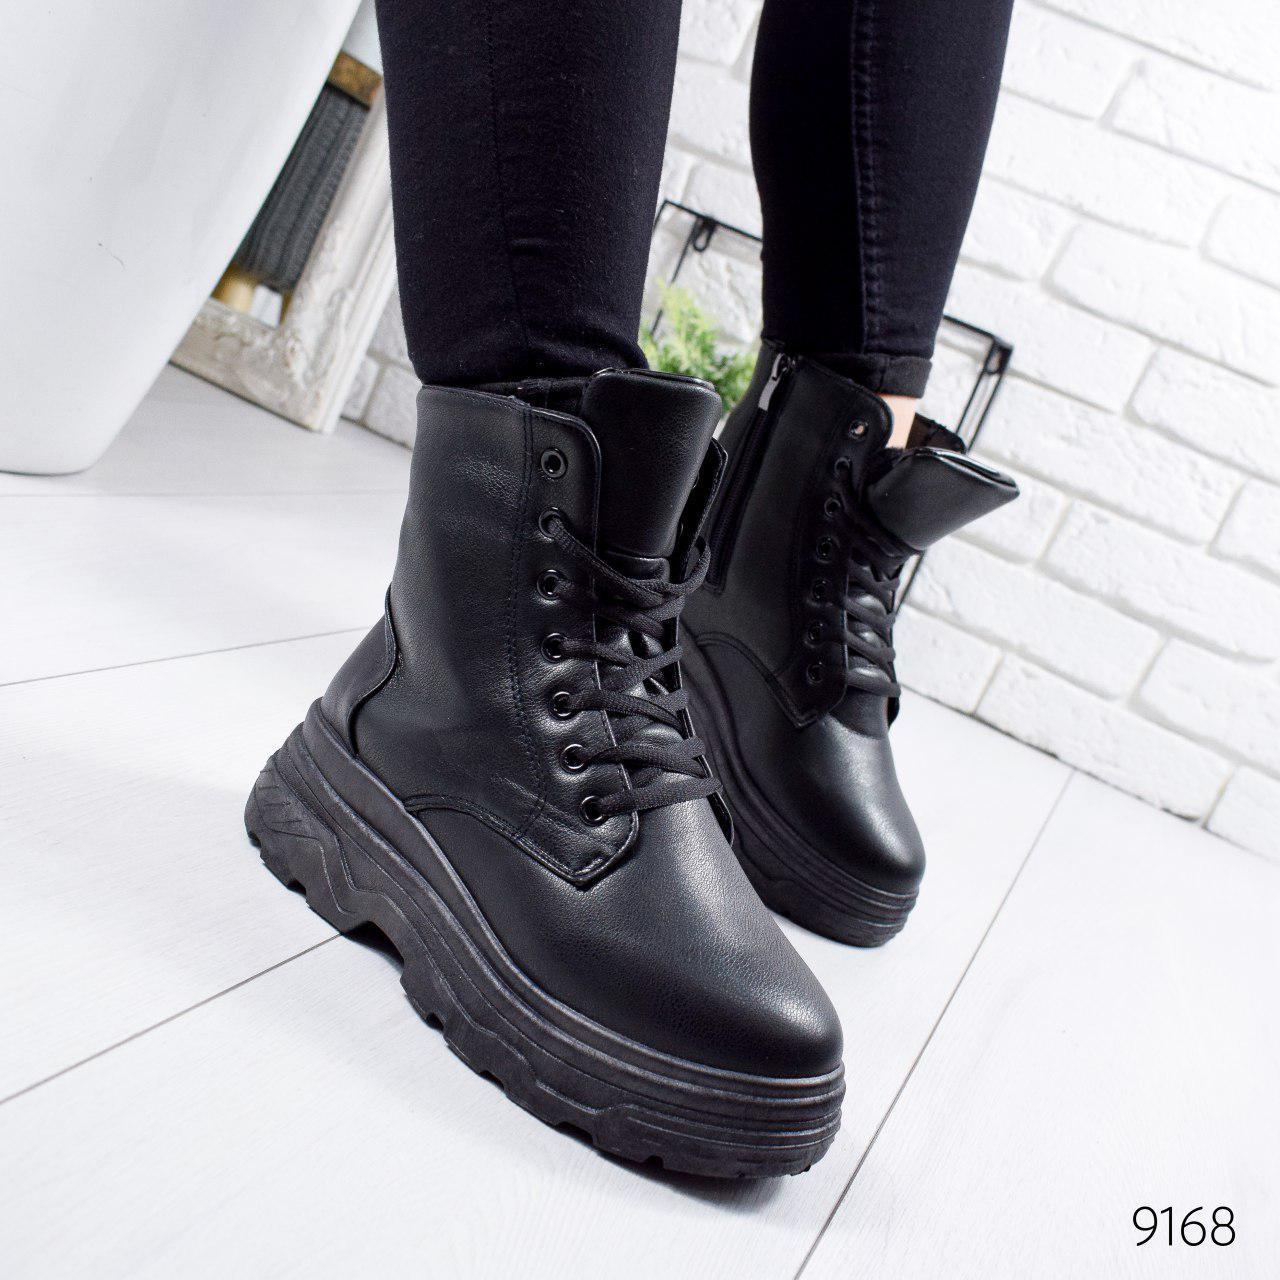 """Ботинки женские зимние, черного цвета из эко кожи """"9168"""". Черевики жіночі. Ботинки теплые"""